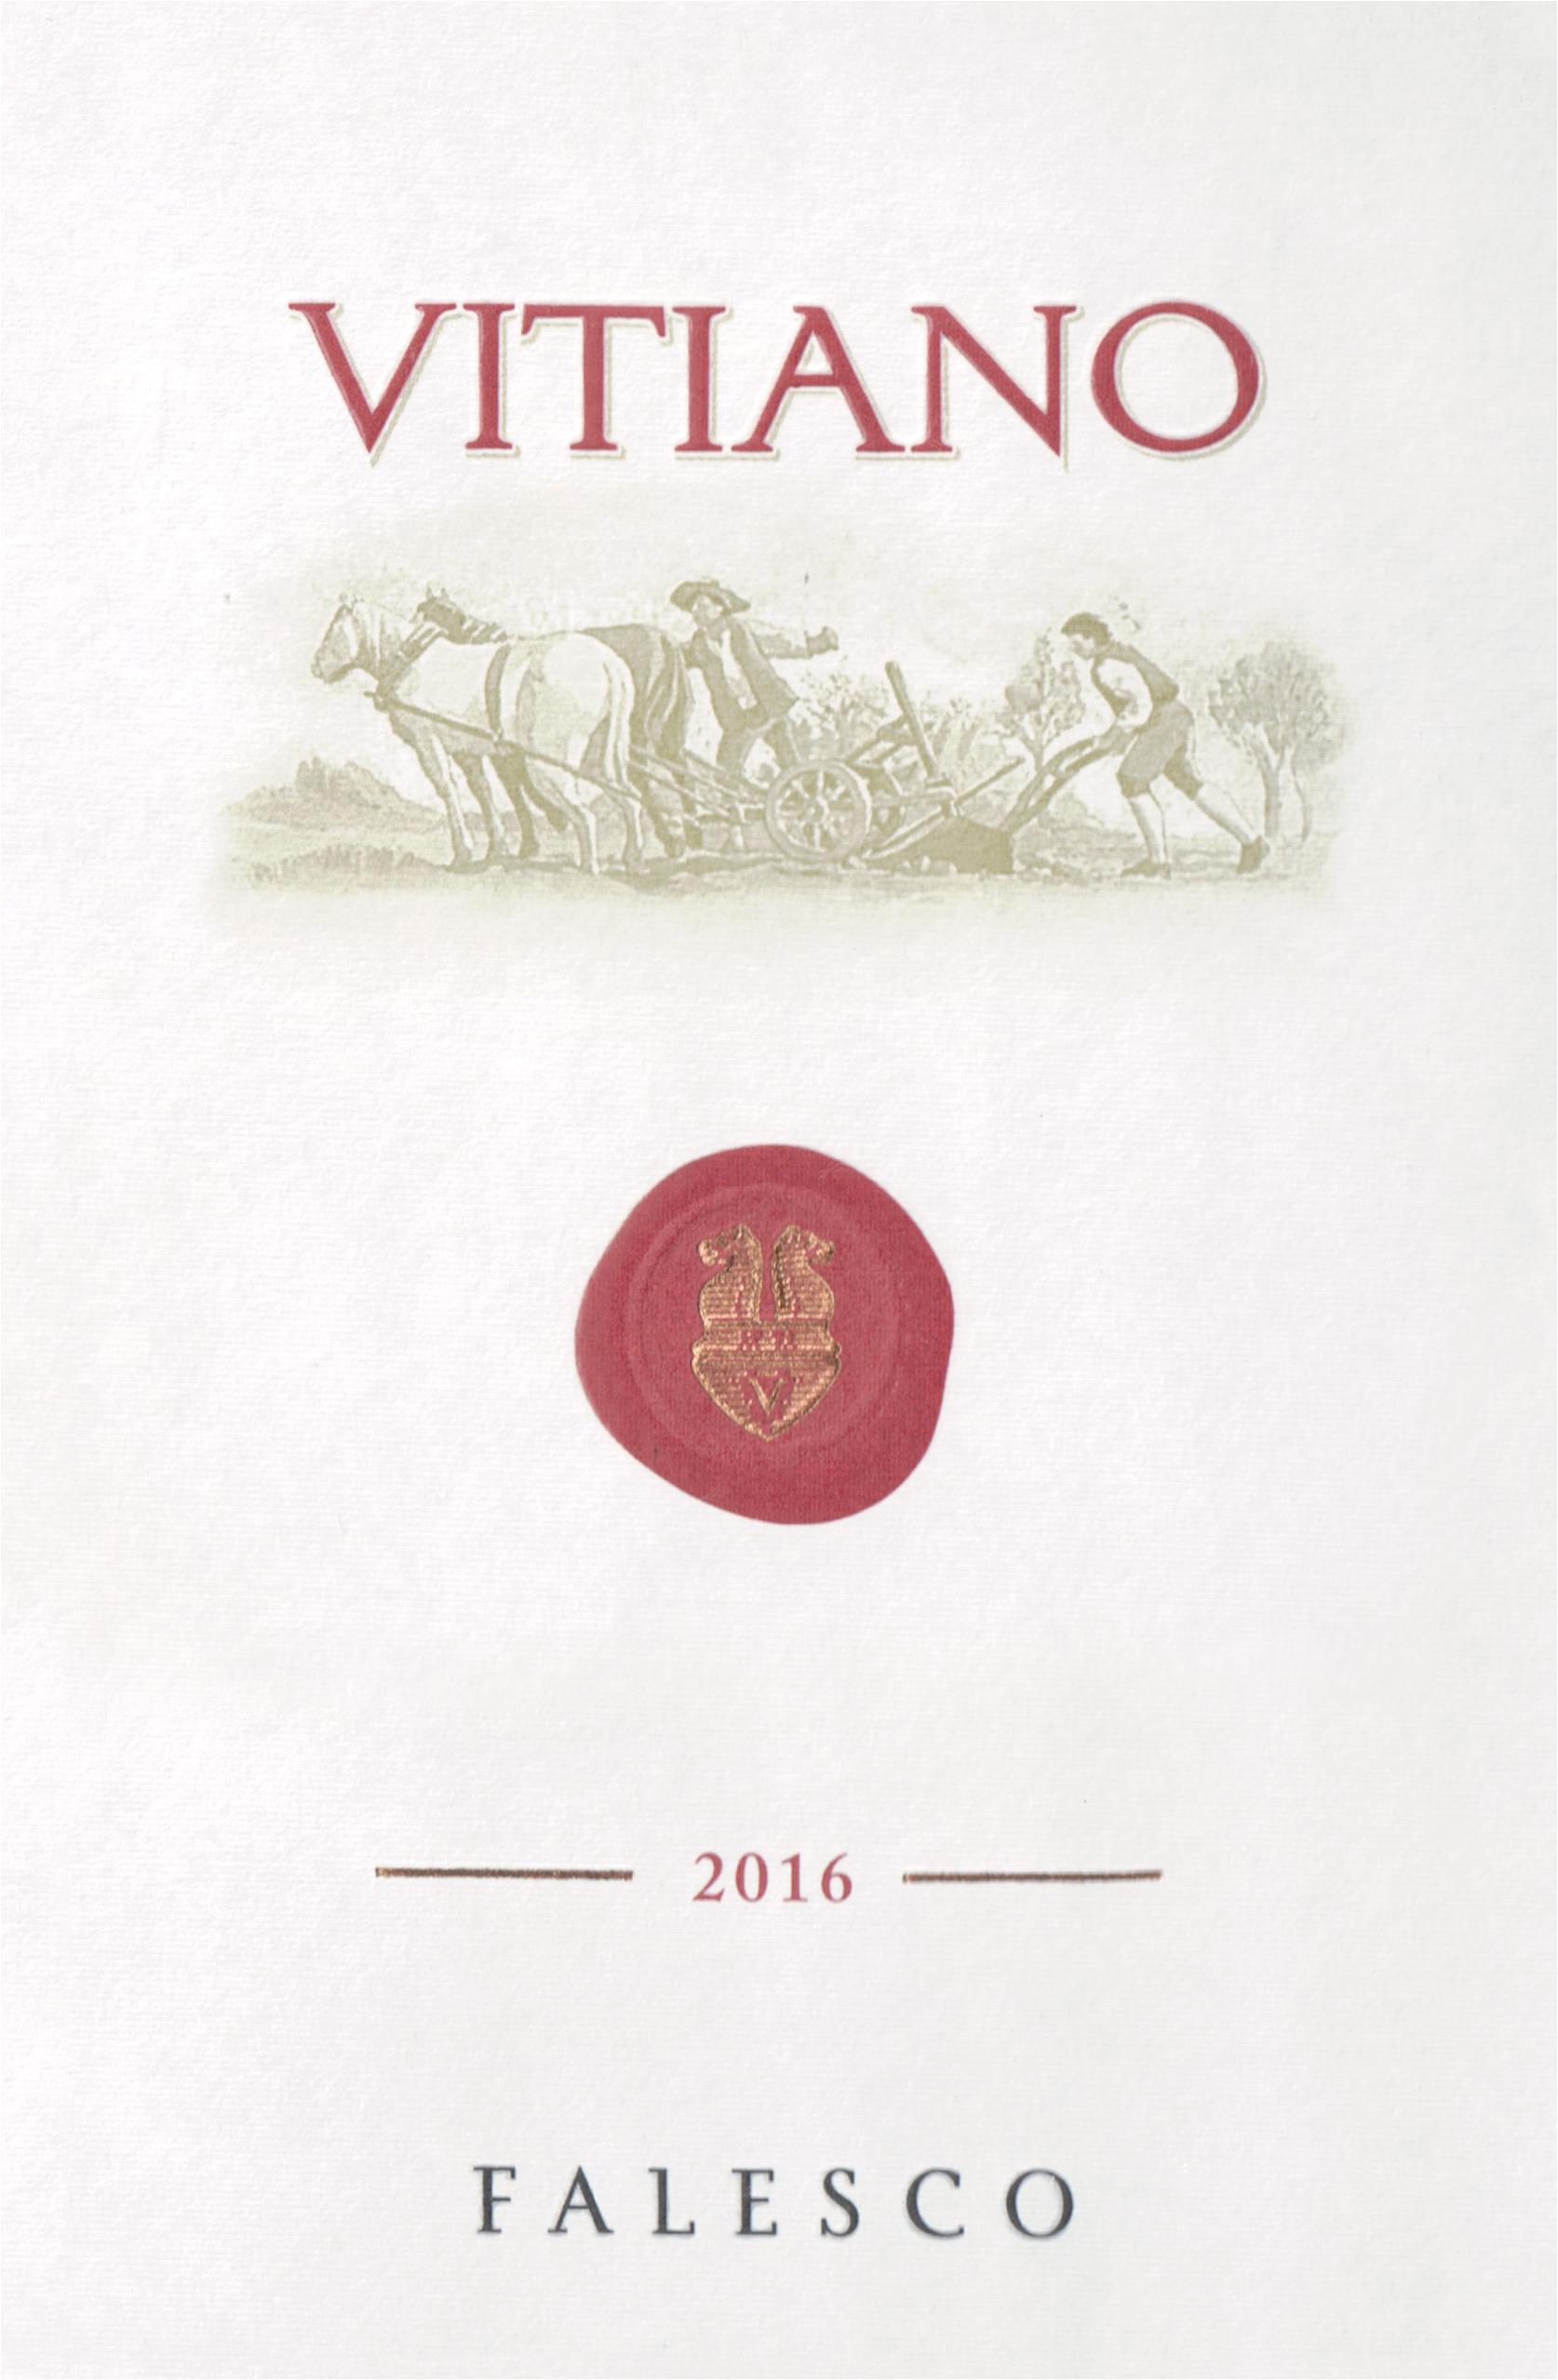 Falesco Vitiano 2016